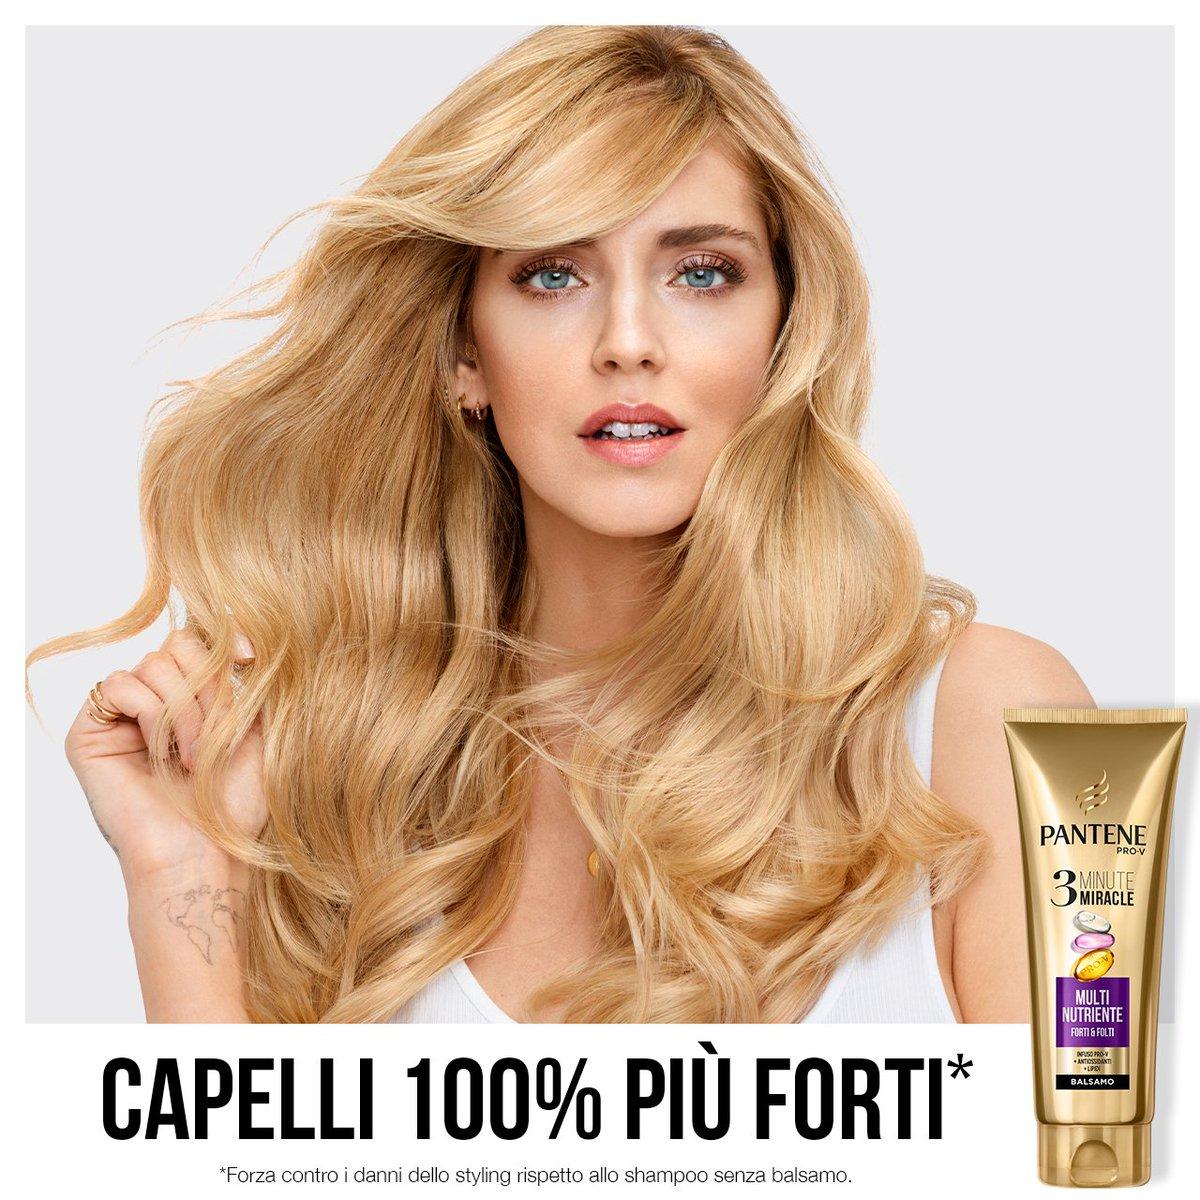 Una volta provato i vostri capelli vorranno solo il nuovo Balsamo 3 Minute Miracle Multi-Nutriente per essere forti e nutriti! <3  #Pantene #CapelliPantene #PowerofHair #MultiNutriente #3MinuteMiracle #ProV #hairstyle #style #ChiaraFerragni #Balsamo #beautifulhair #vitamine https://t.co/wmRg9YhLgd